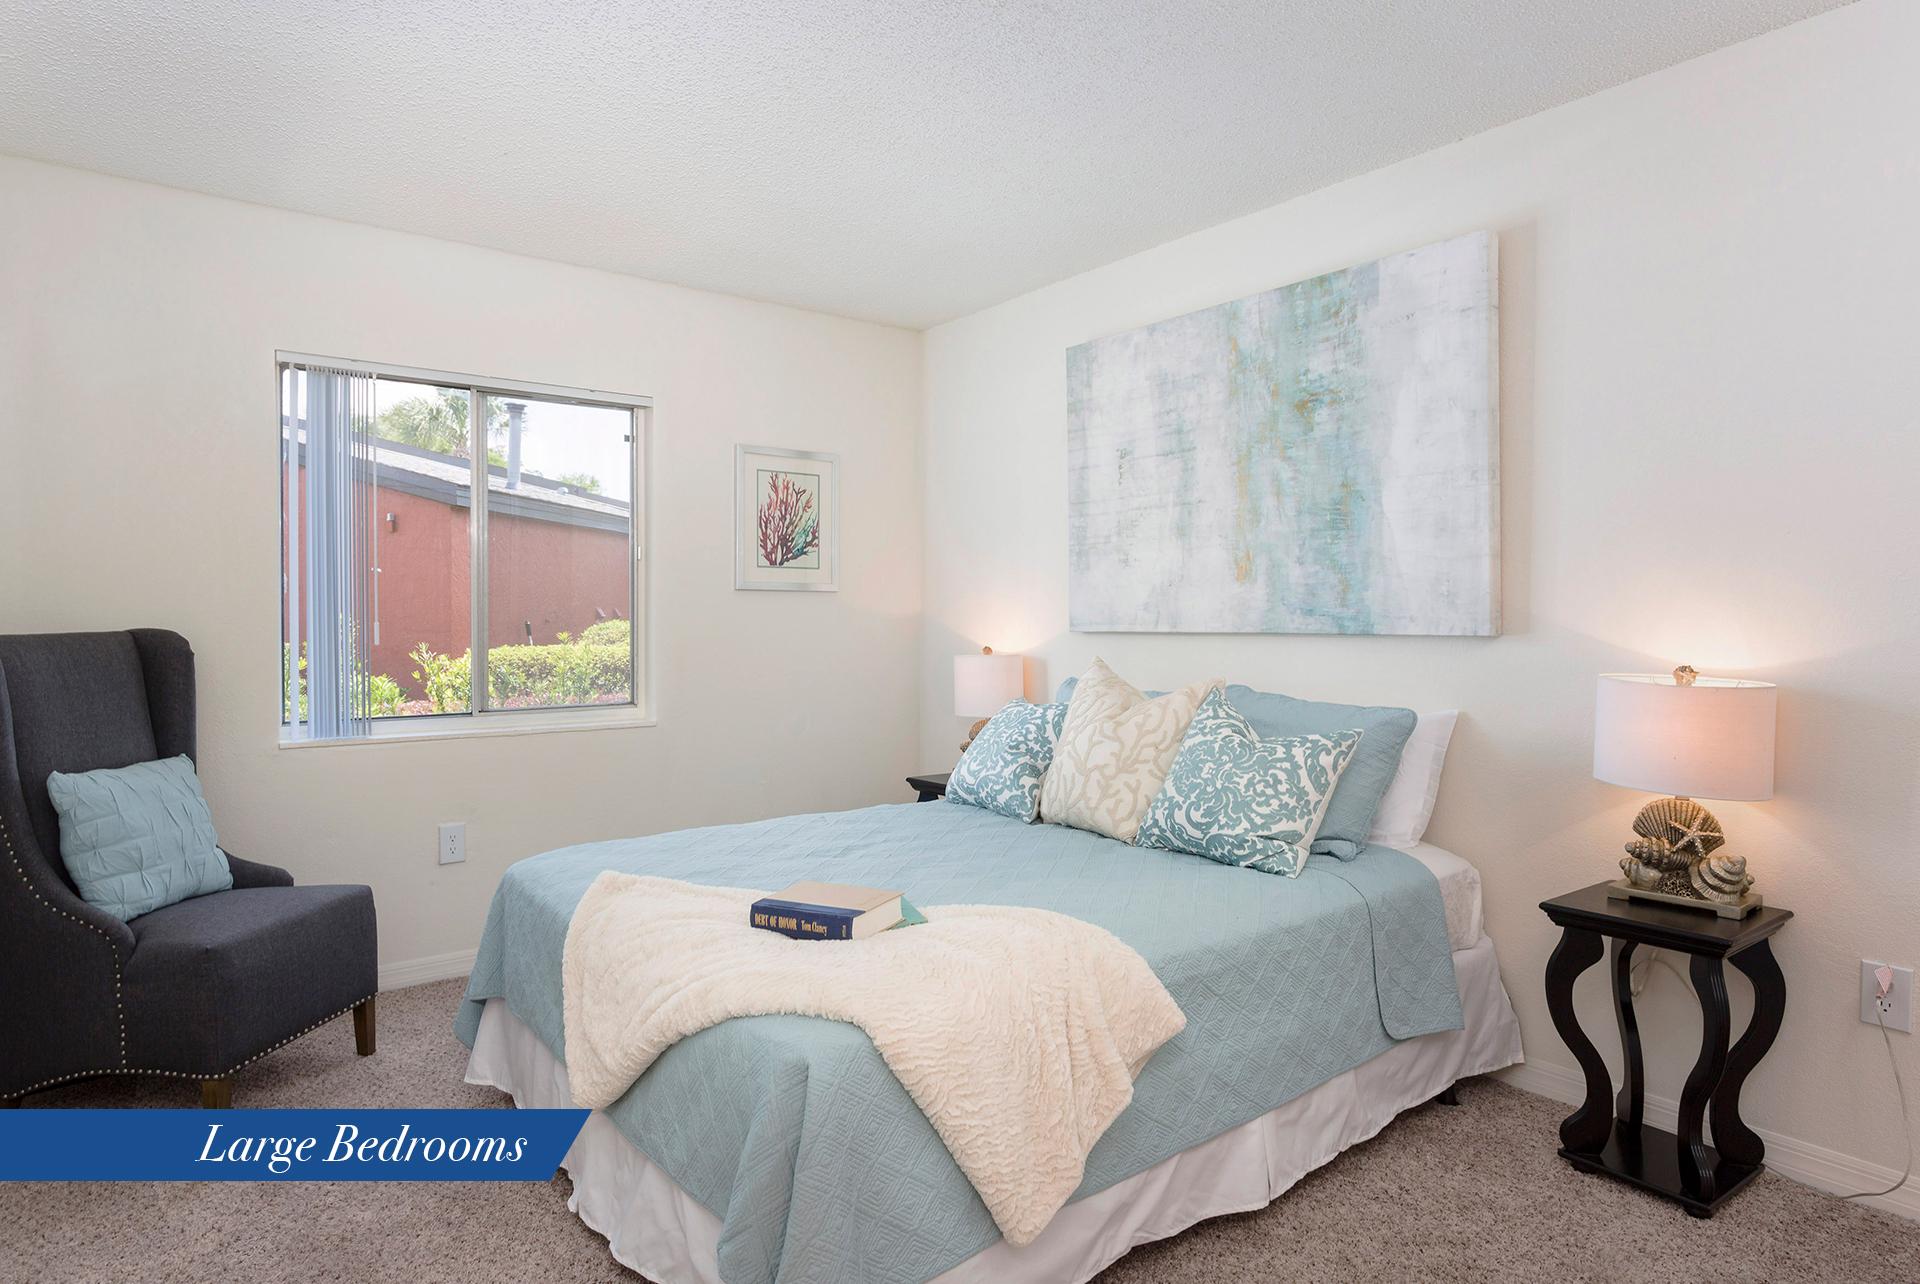 Hb-1b1b-580-gulfbreeze-bedroom